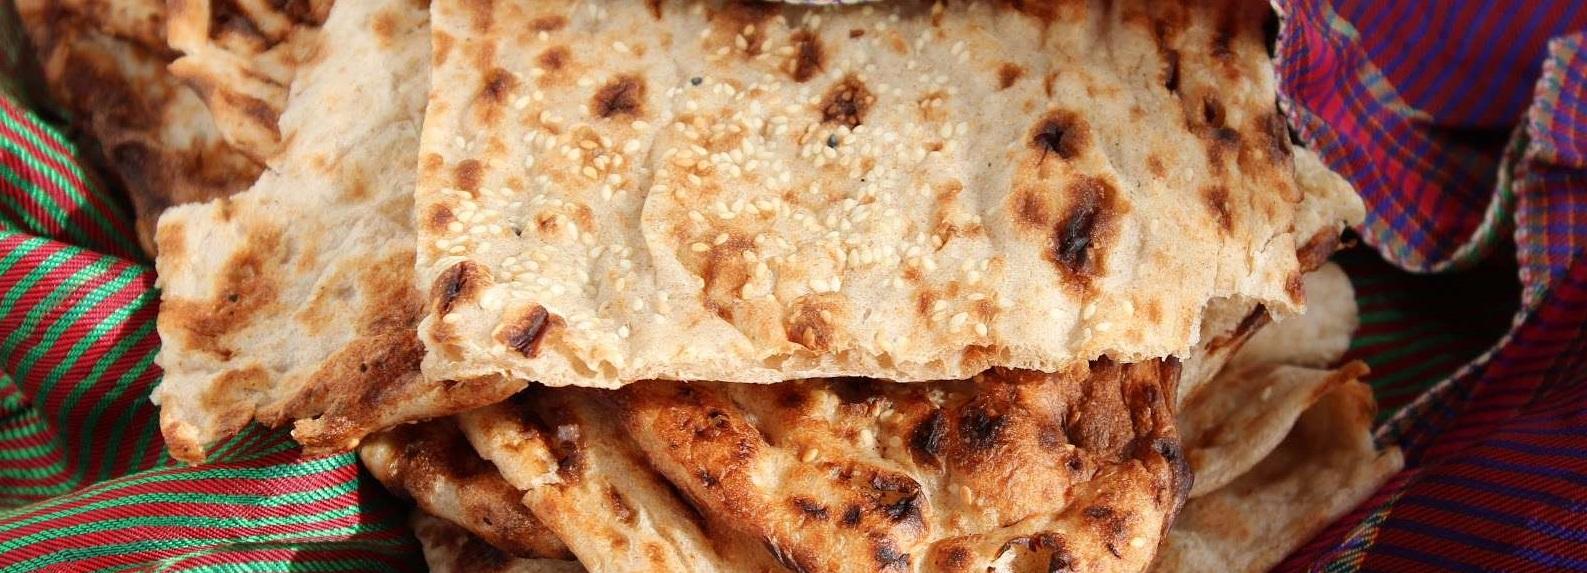 اعلام قیمت نان با افزایش 34 درصدی در تهران